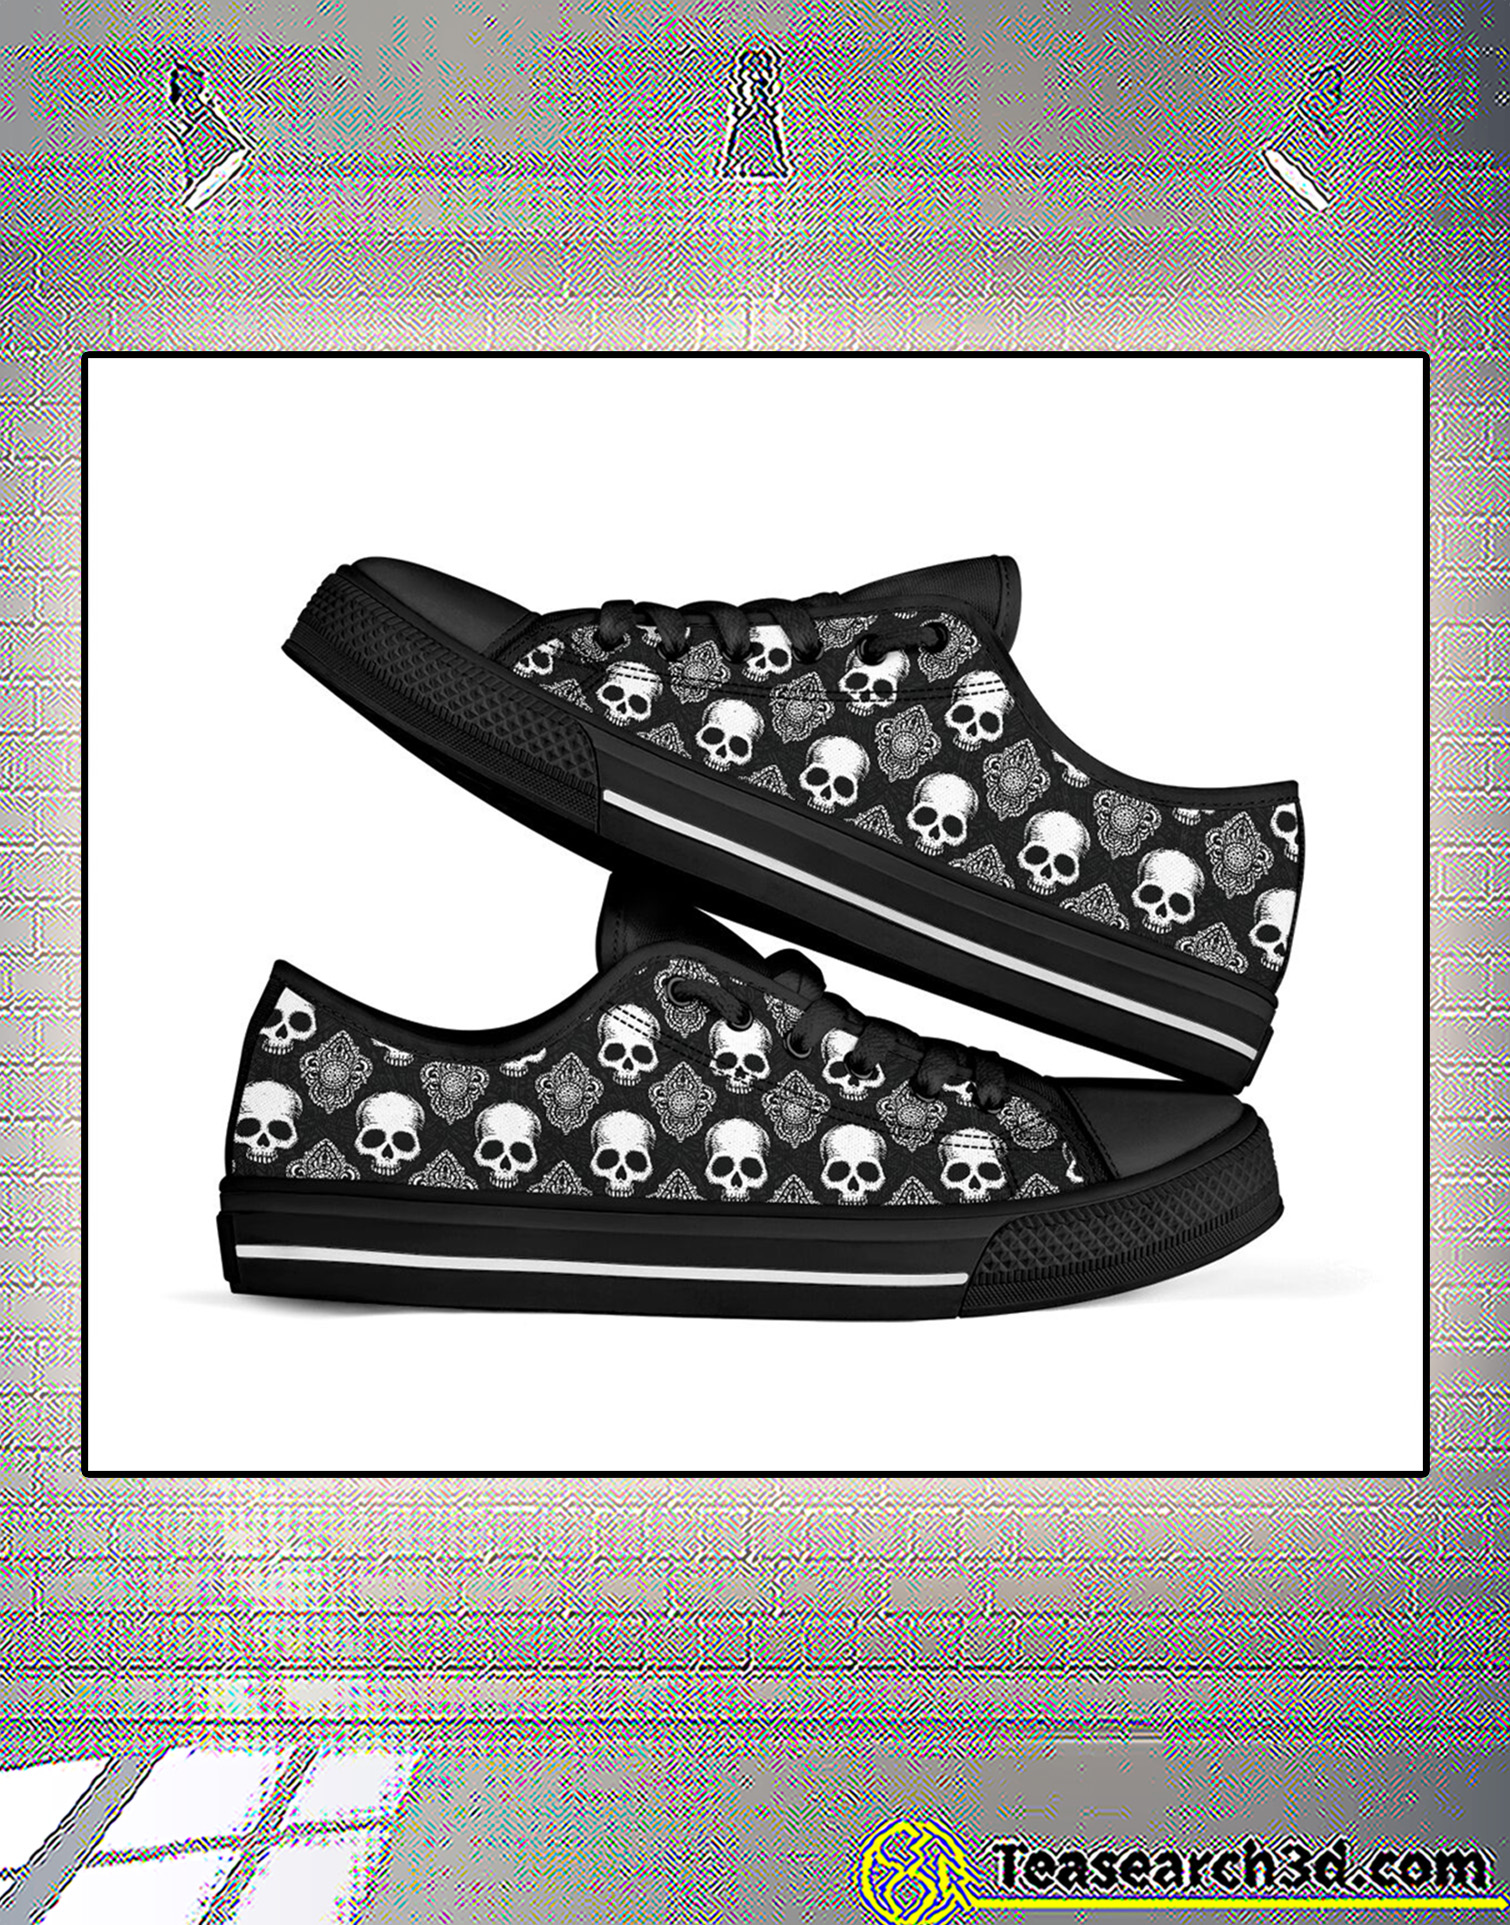 Skull low top shoe